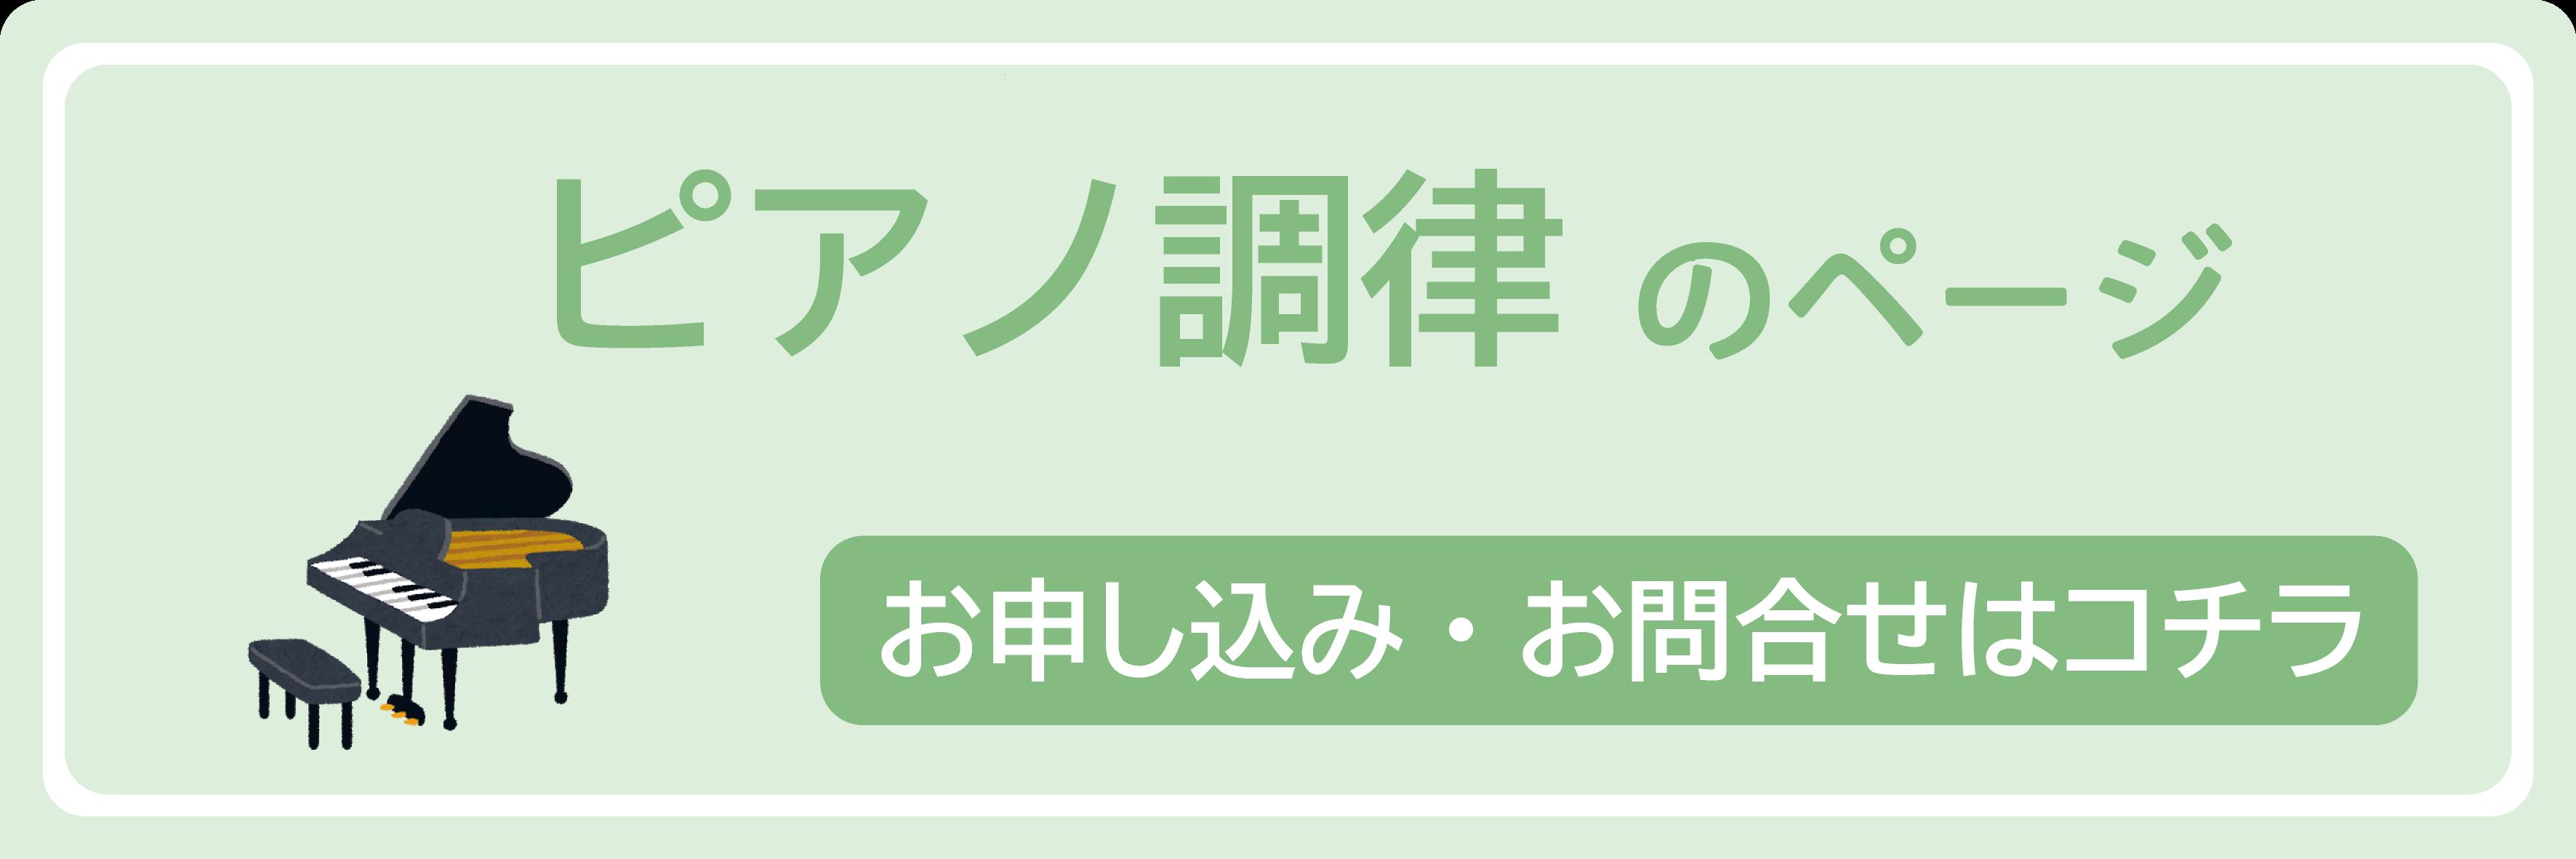 調律シンプルバナー-1